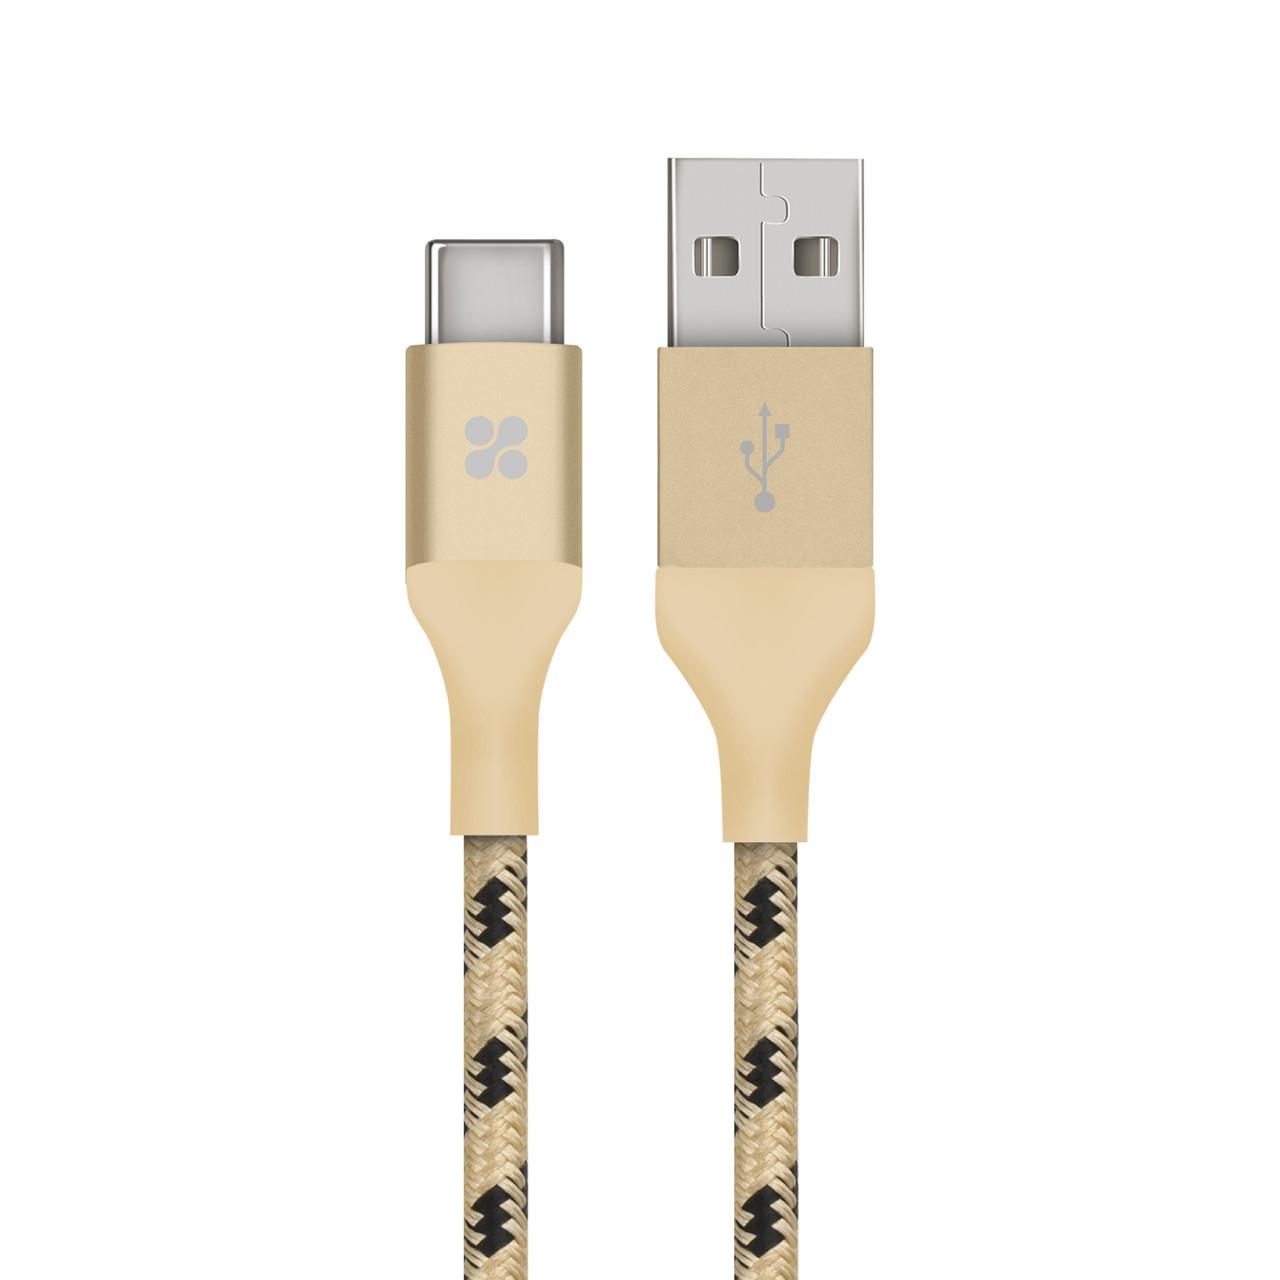 Кабель Promate uniLink-CAM USB - USB Type-C 1.2 м Gold